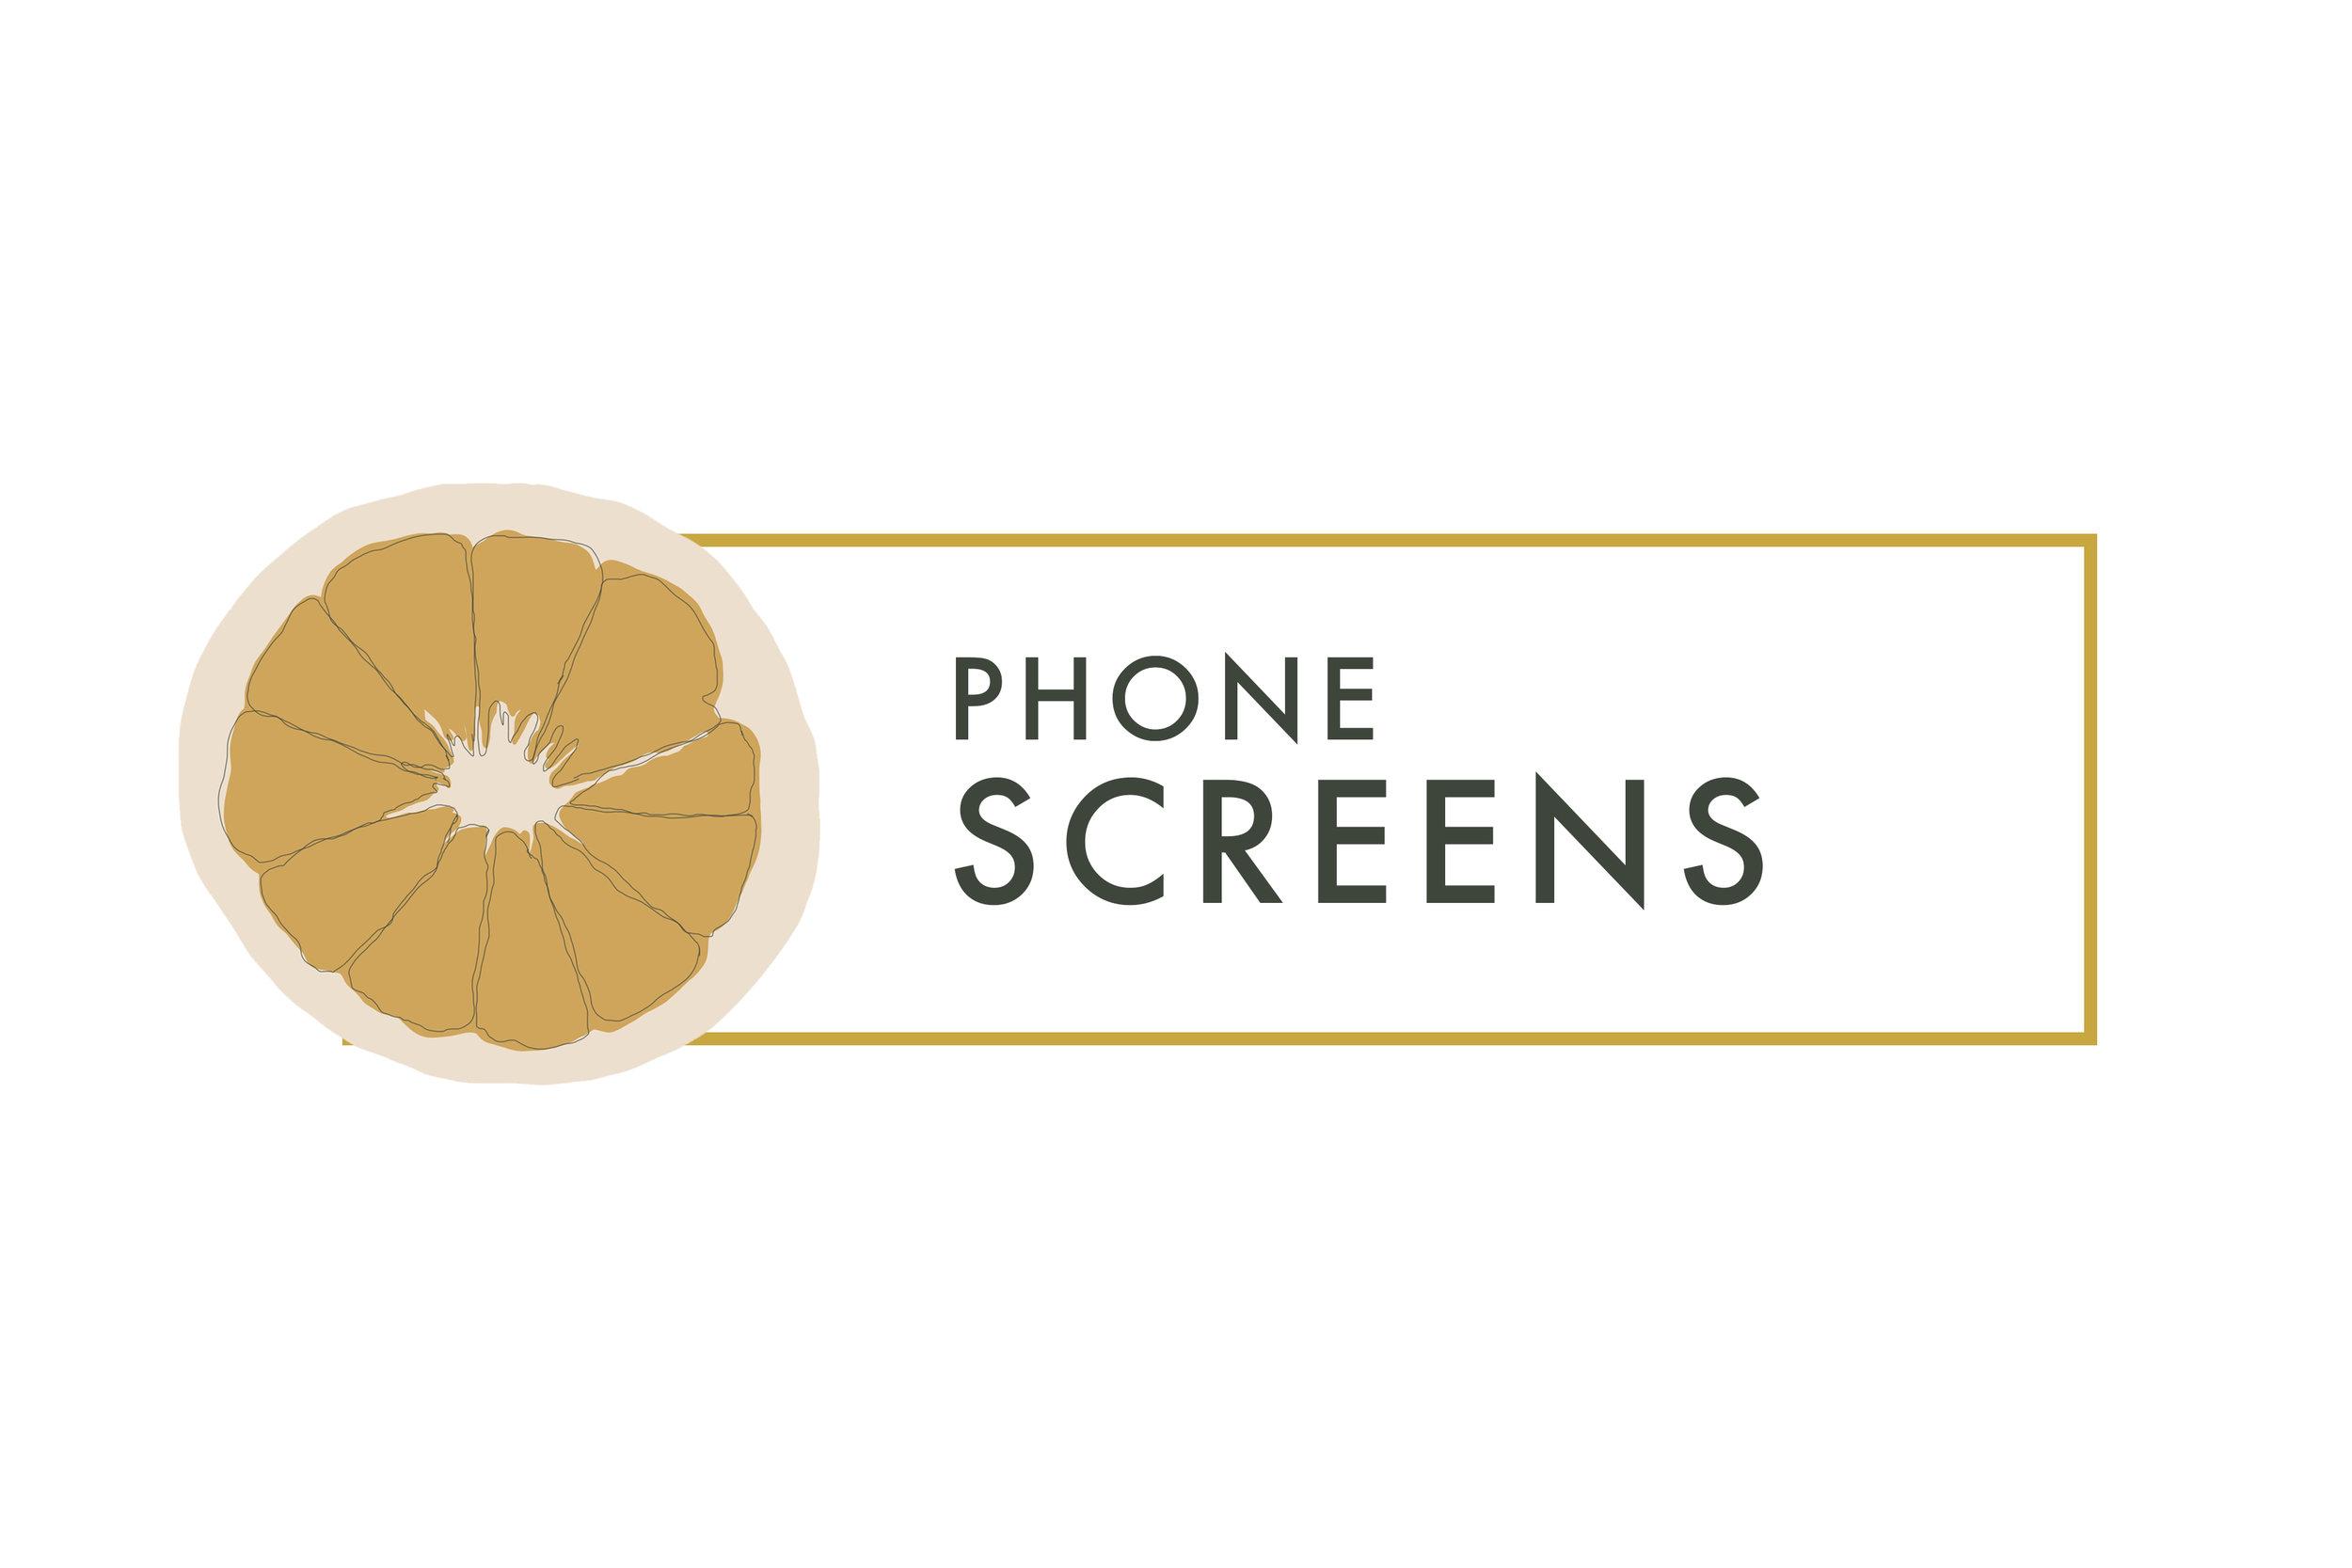 phonescreenbutton.jpg